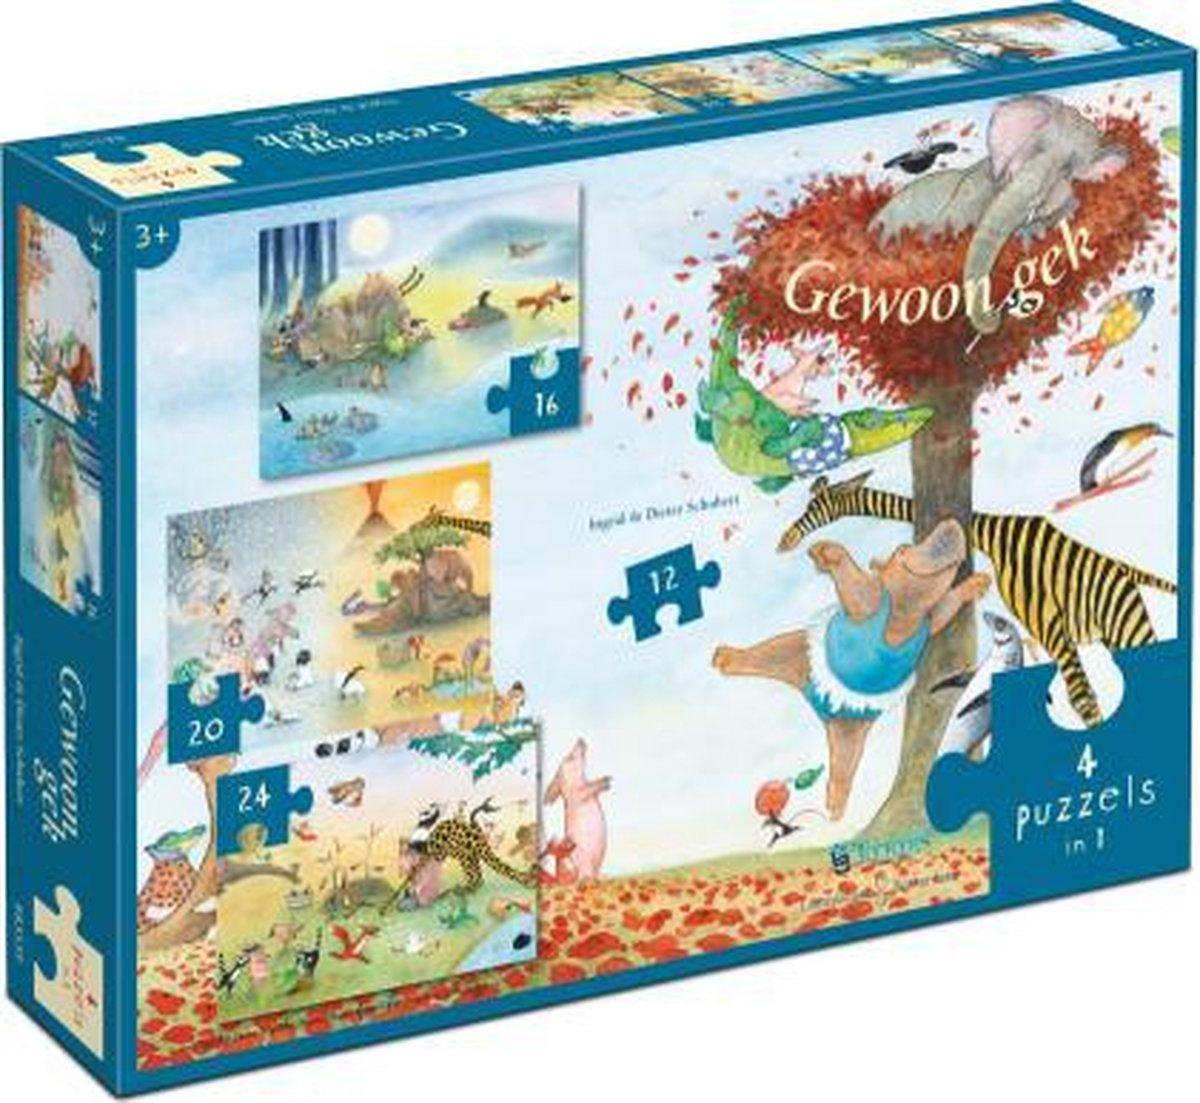 ,Puzzel gewoon gek- ingrid en dieter schubert 4 puzzels in een (12/16/20/24)